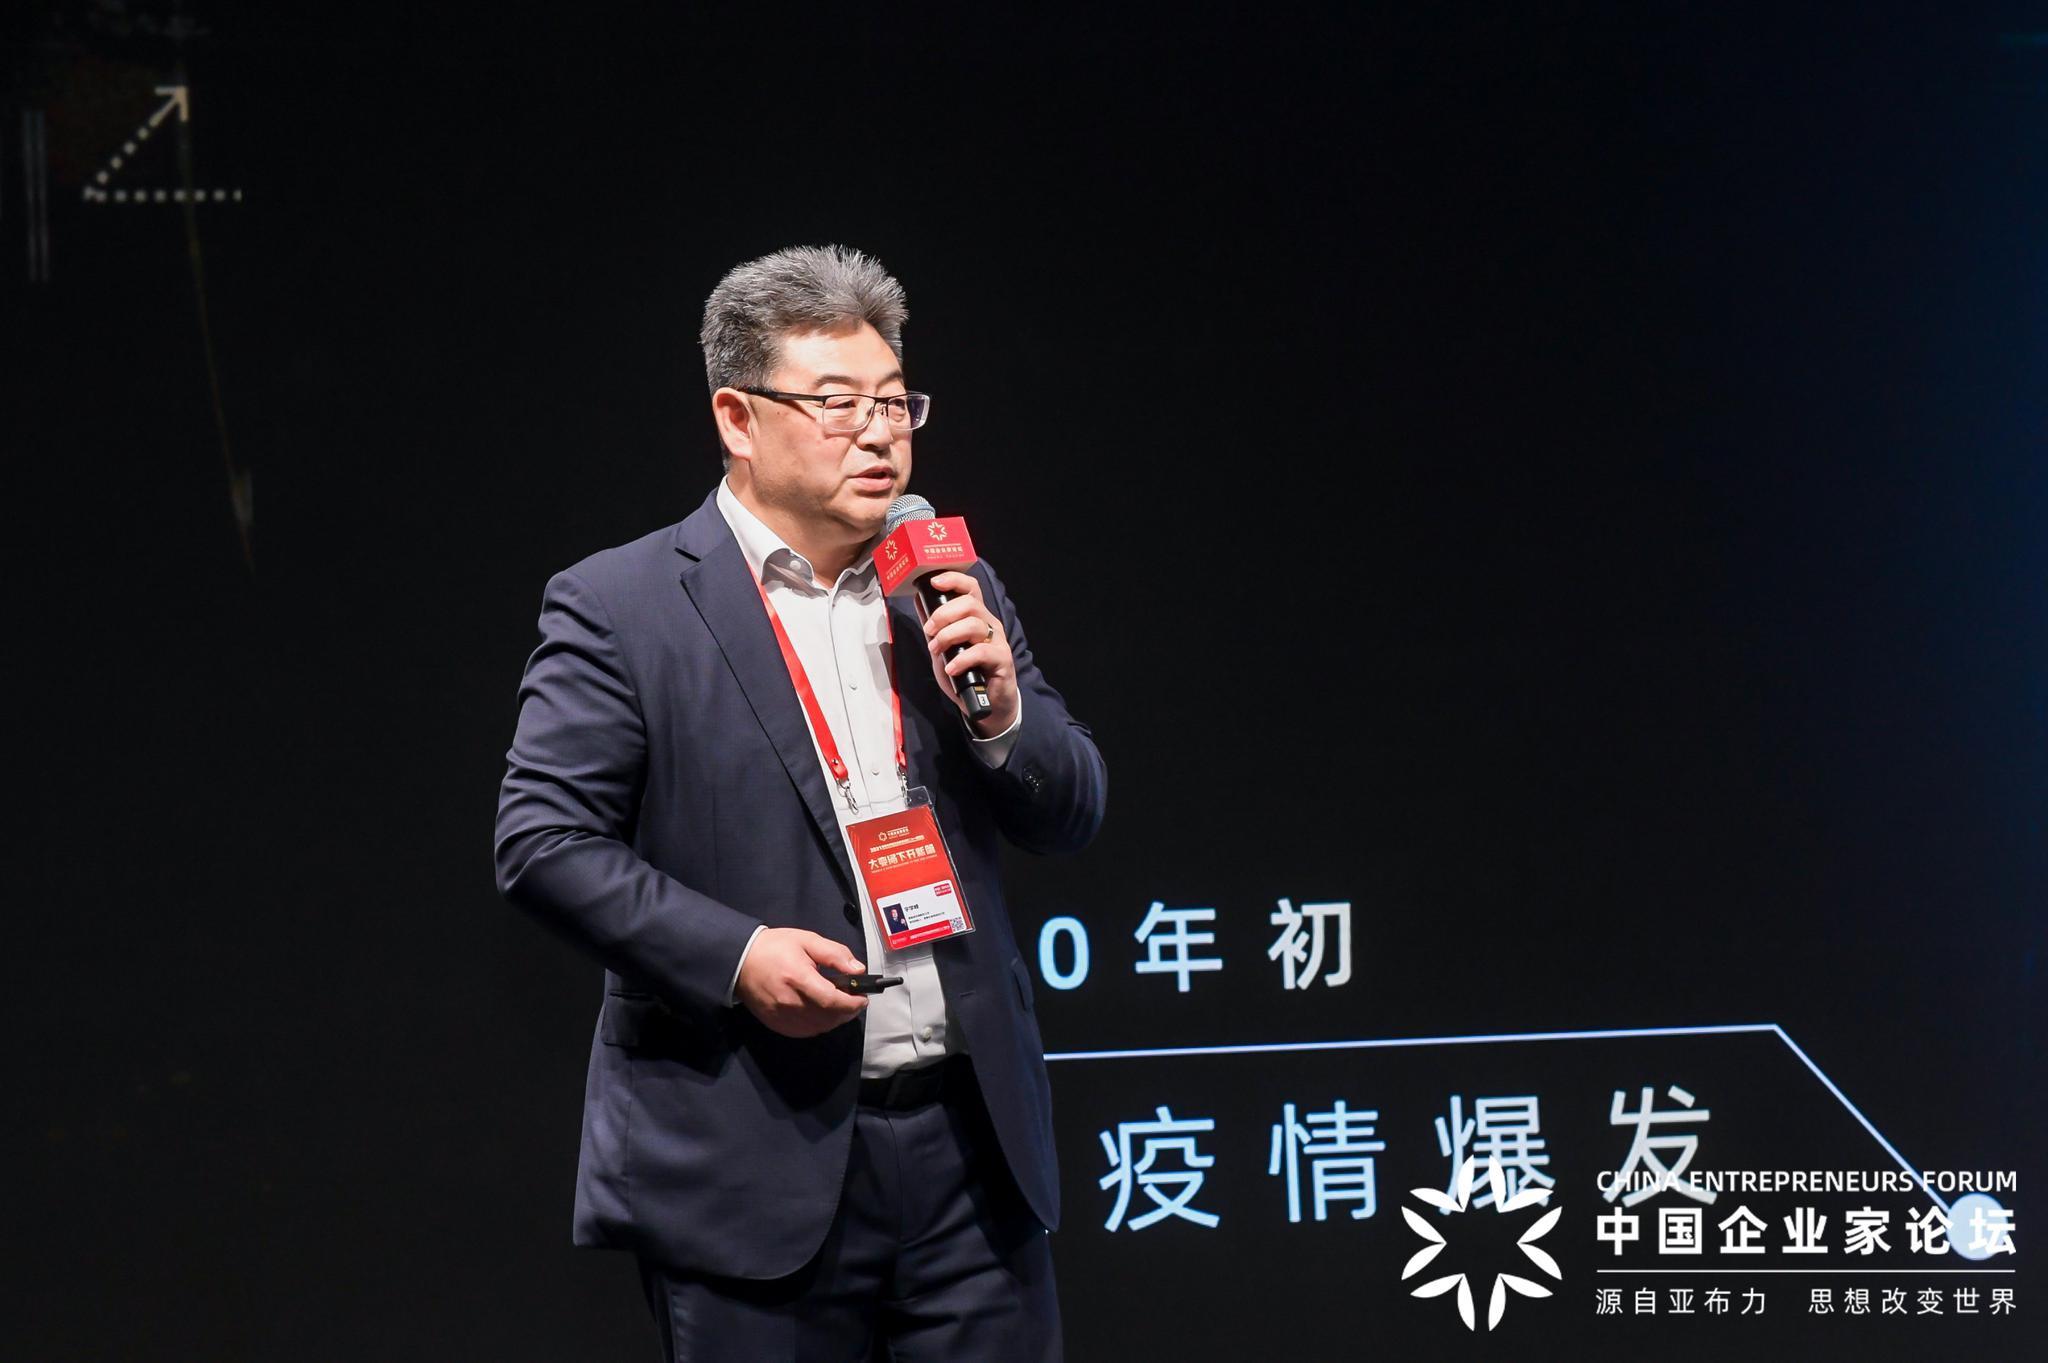 康希诺生物董事长宇学峰:新冠是中国创新疫苗走向国际的起点